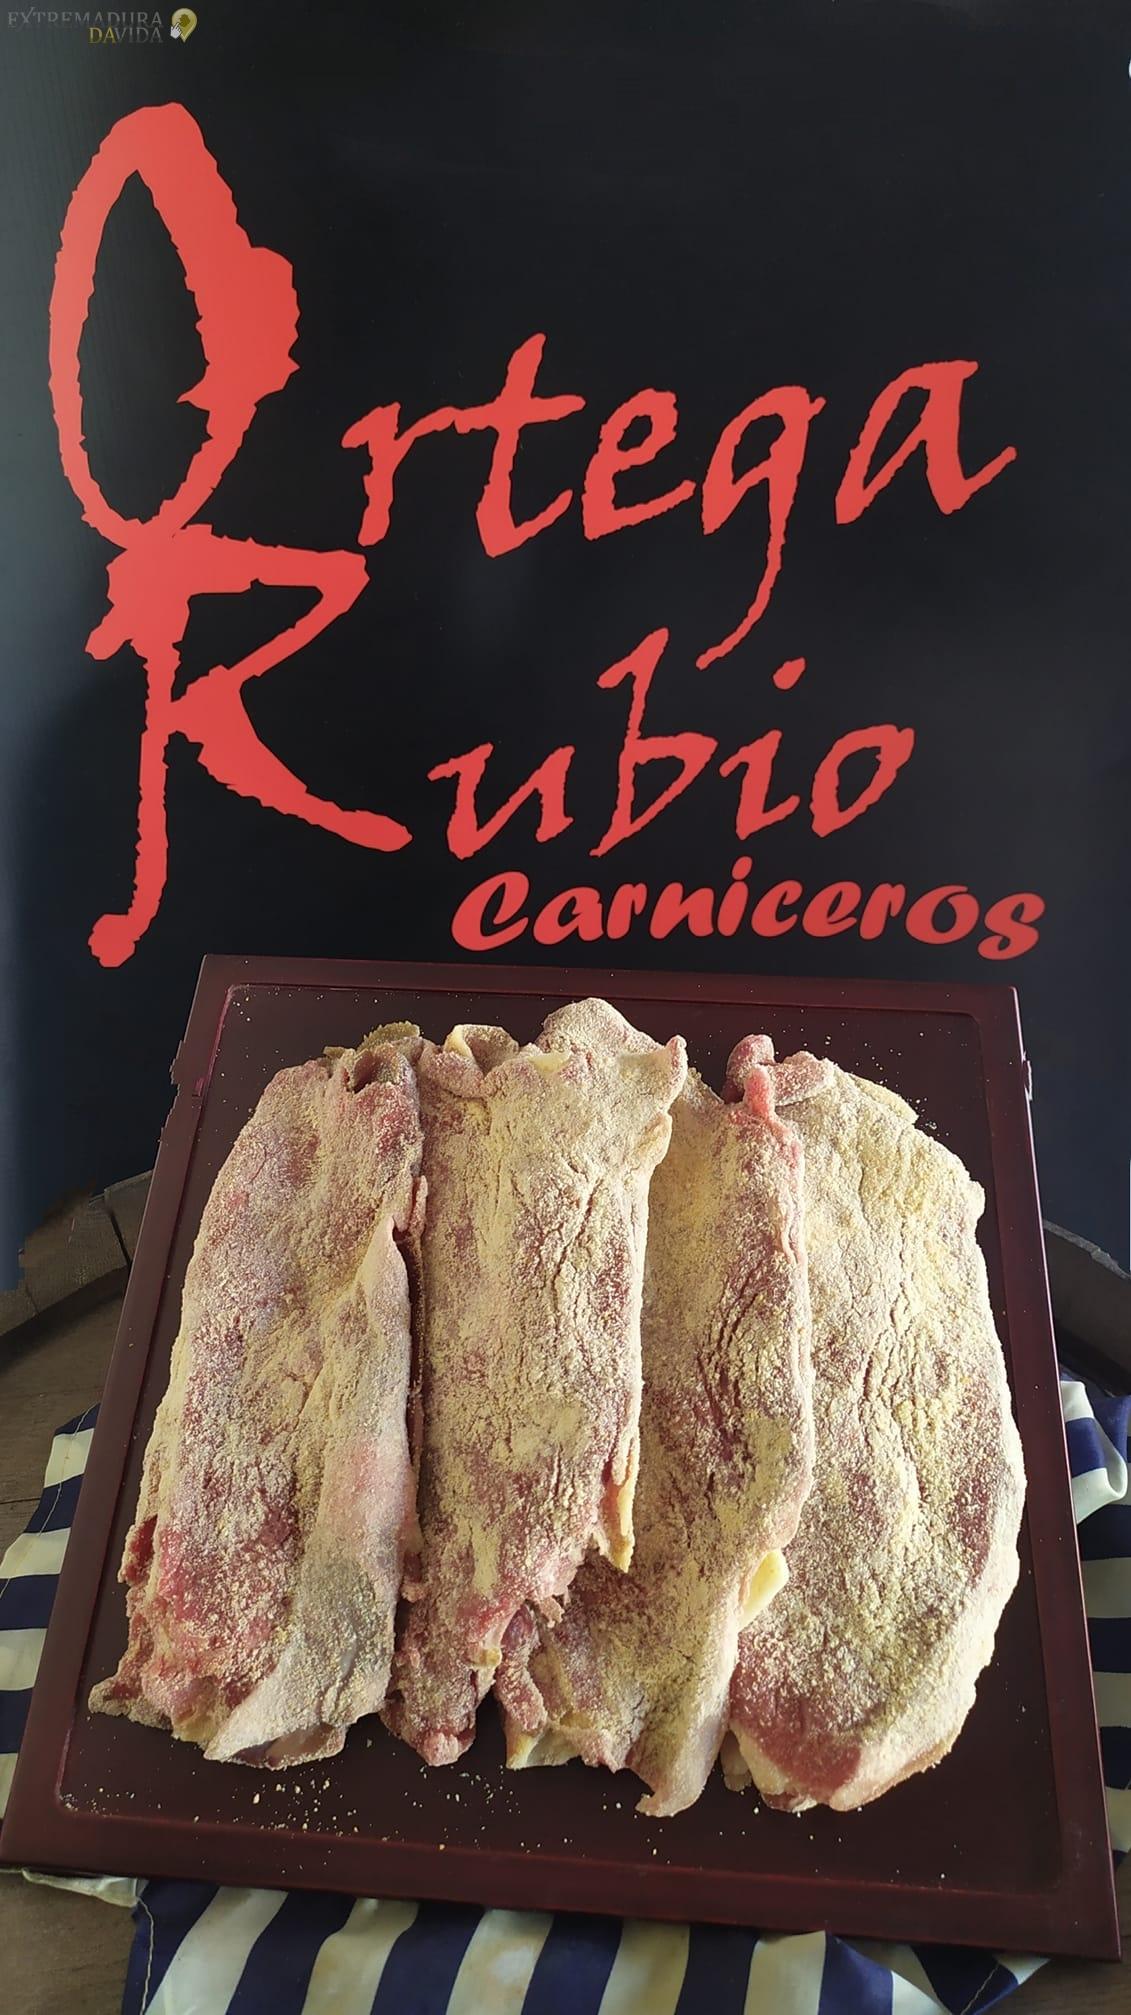 Carnicería en Trujillo Productos extremeños Ortega Rubio